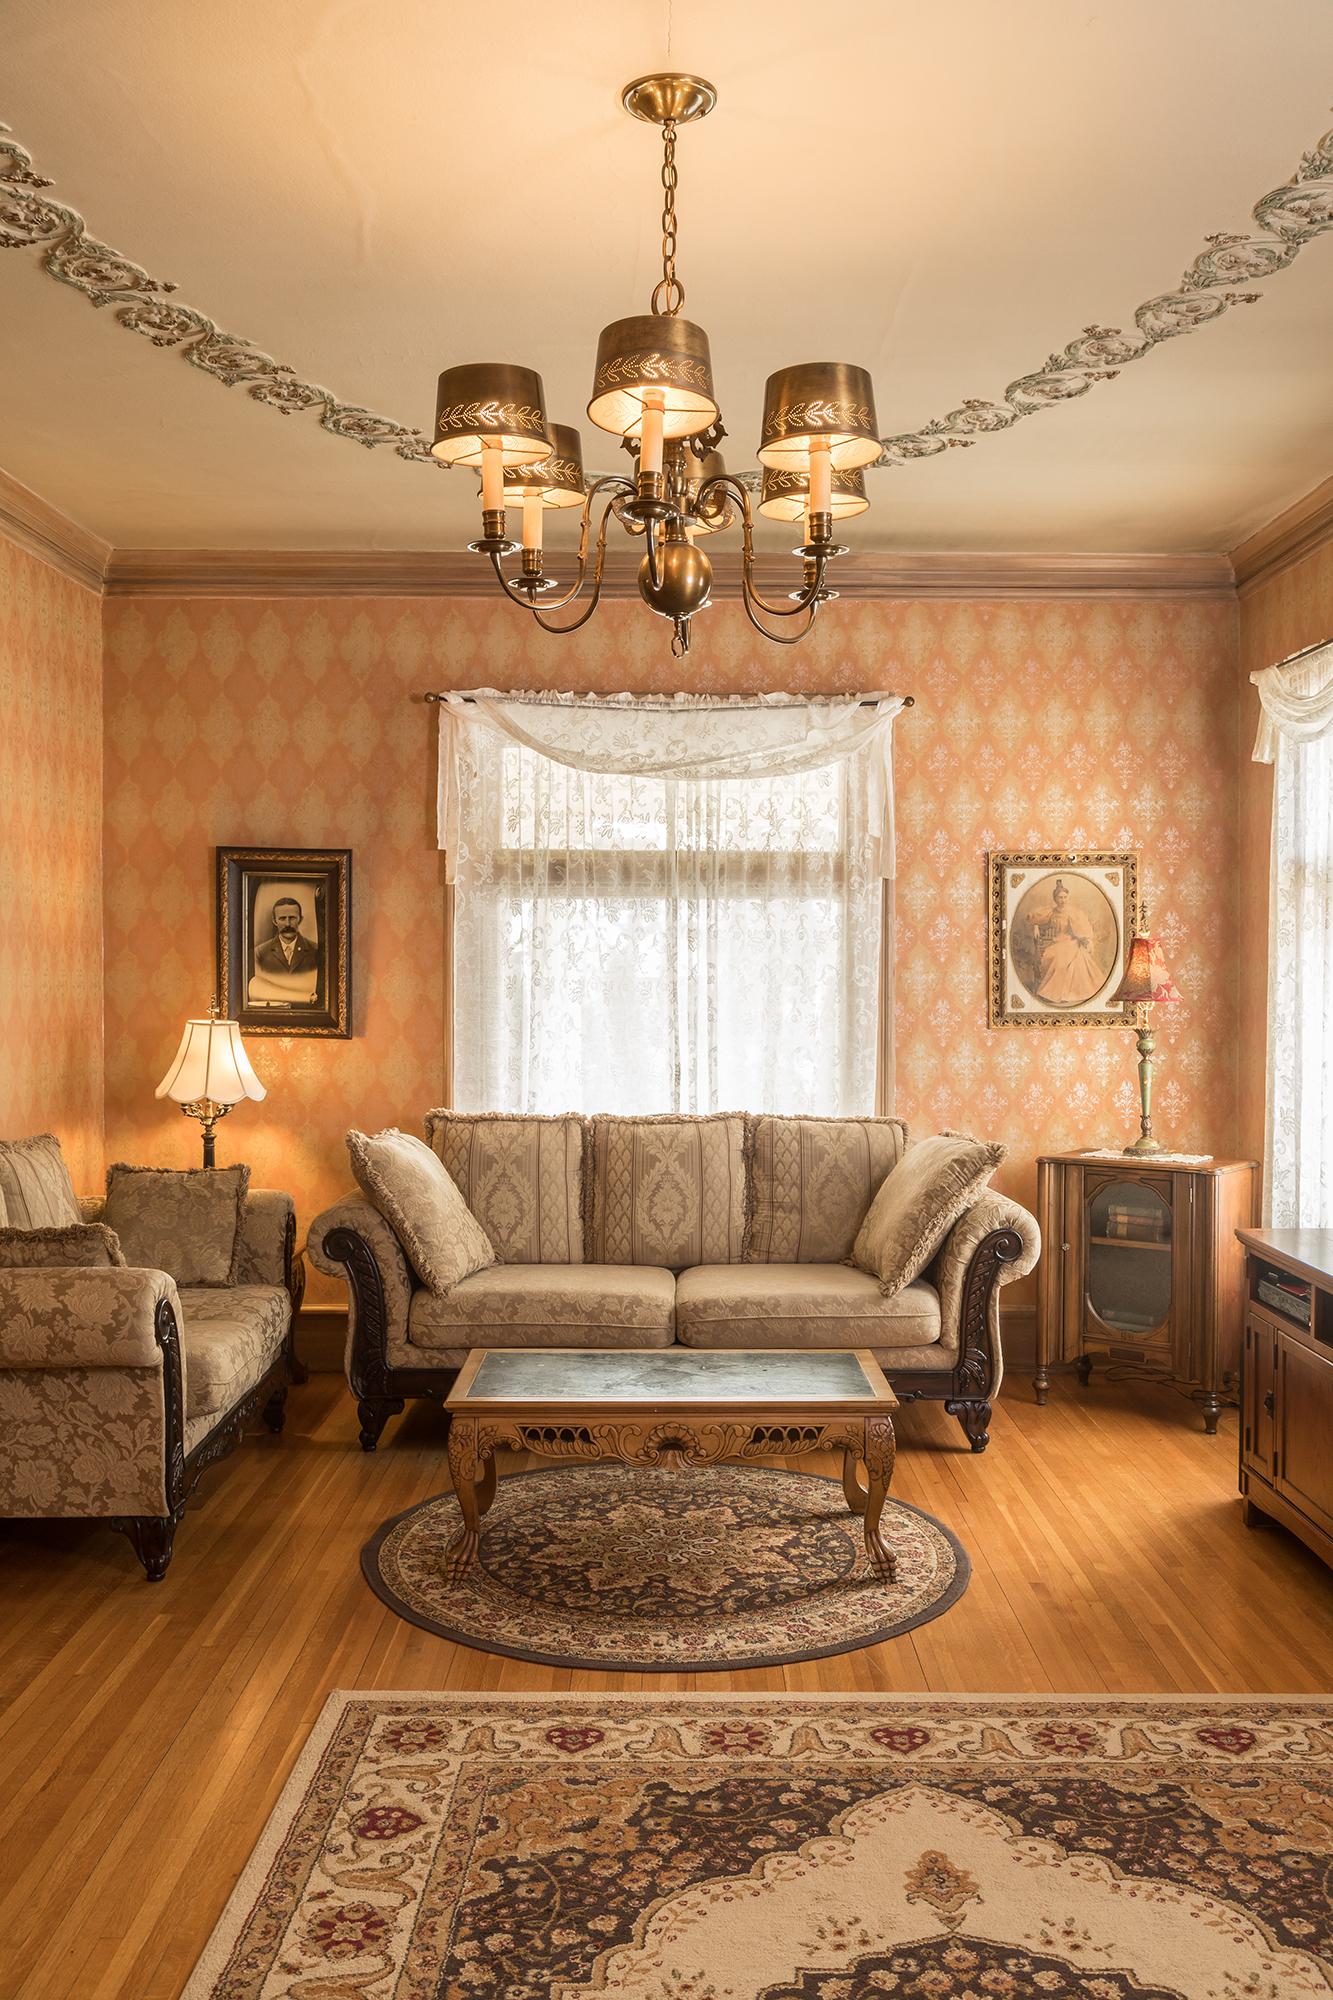 Ringling-House-8366.jpg